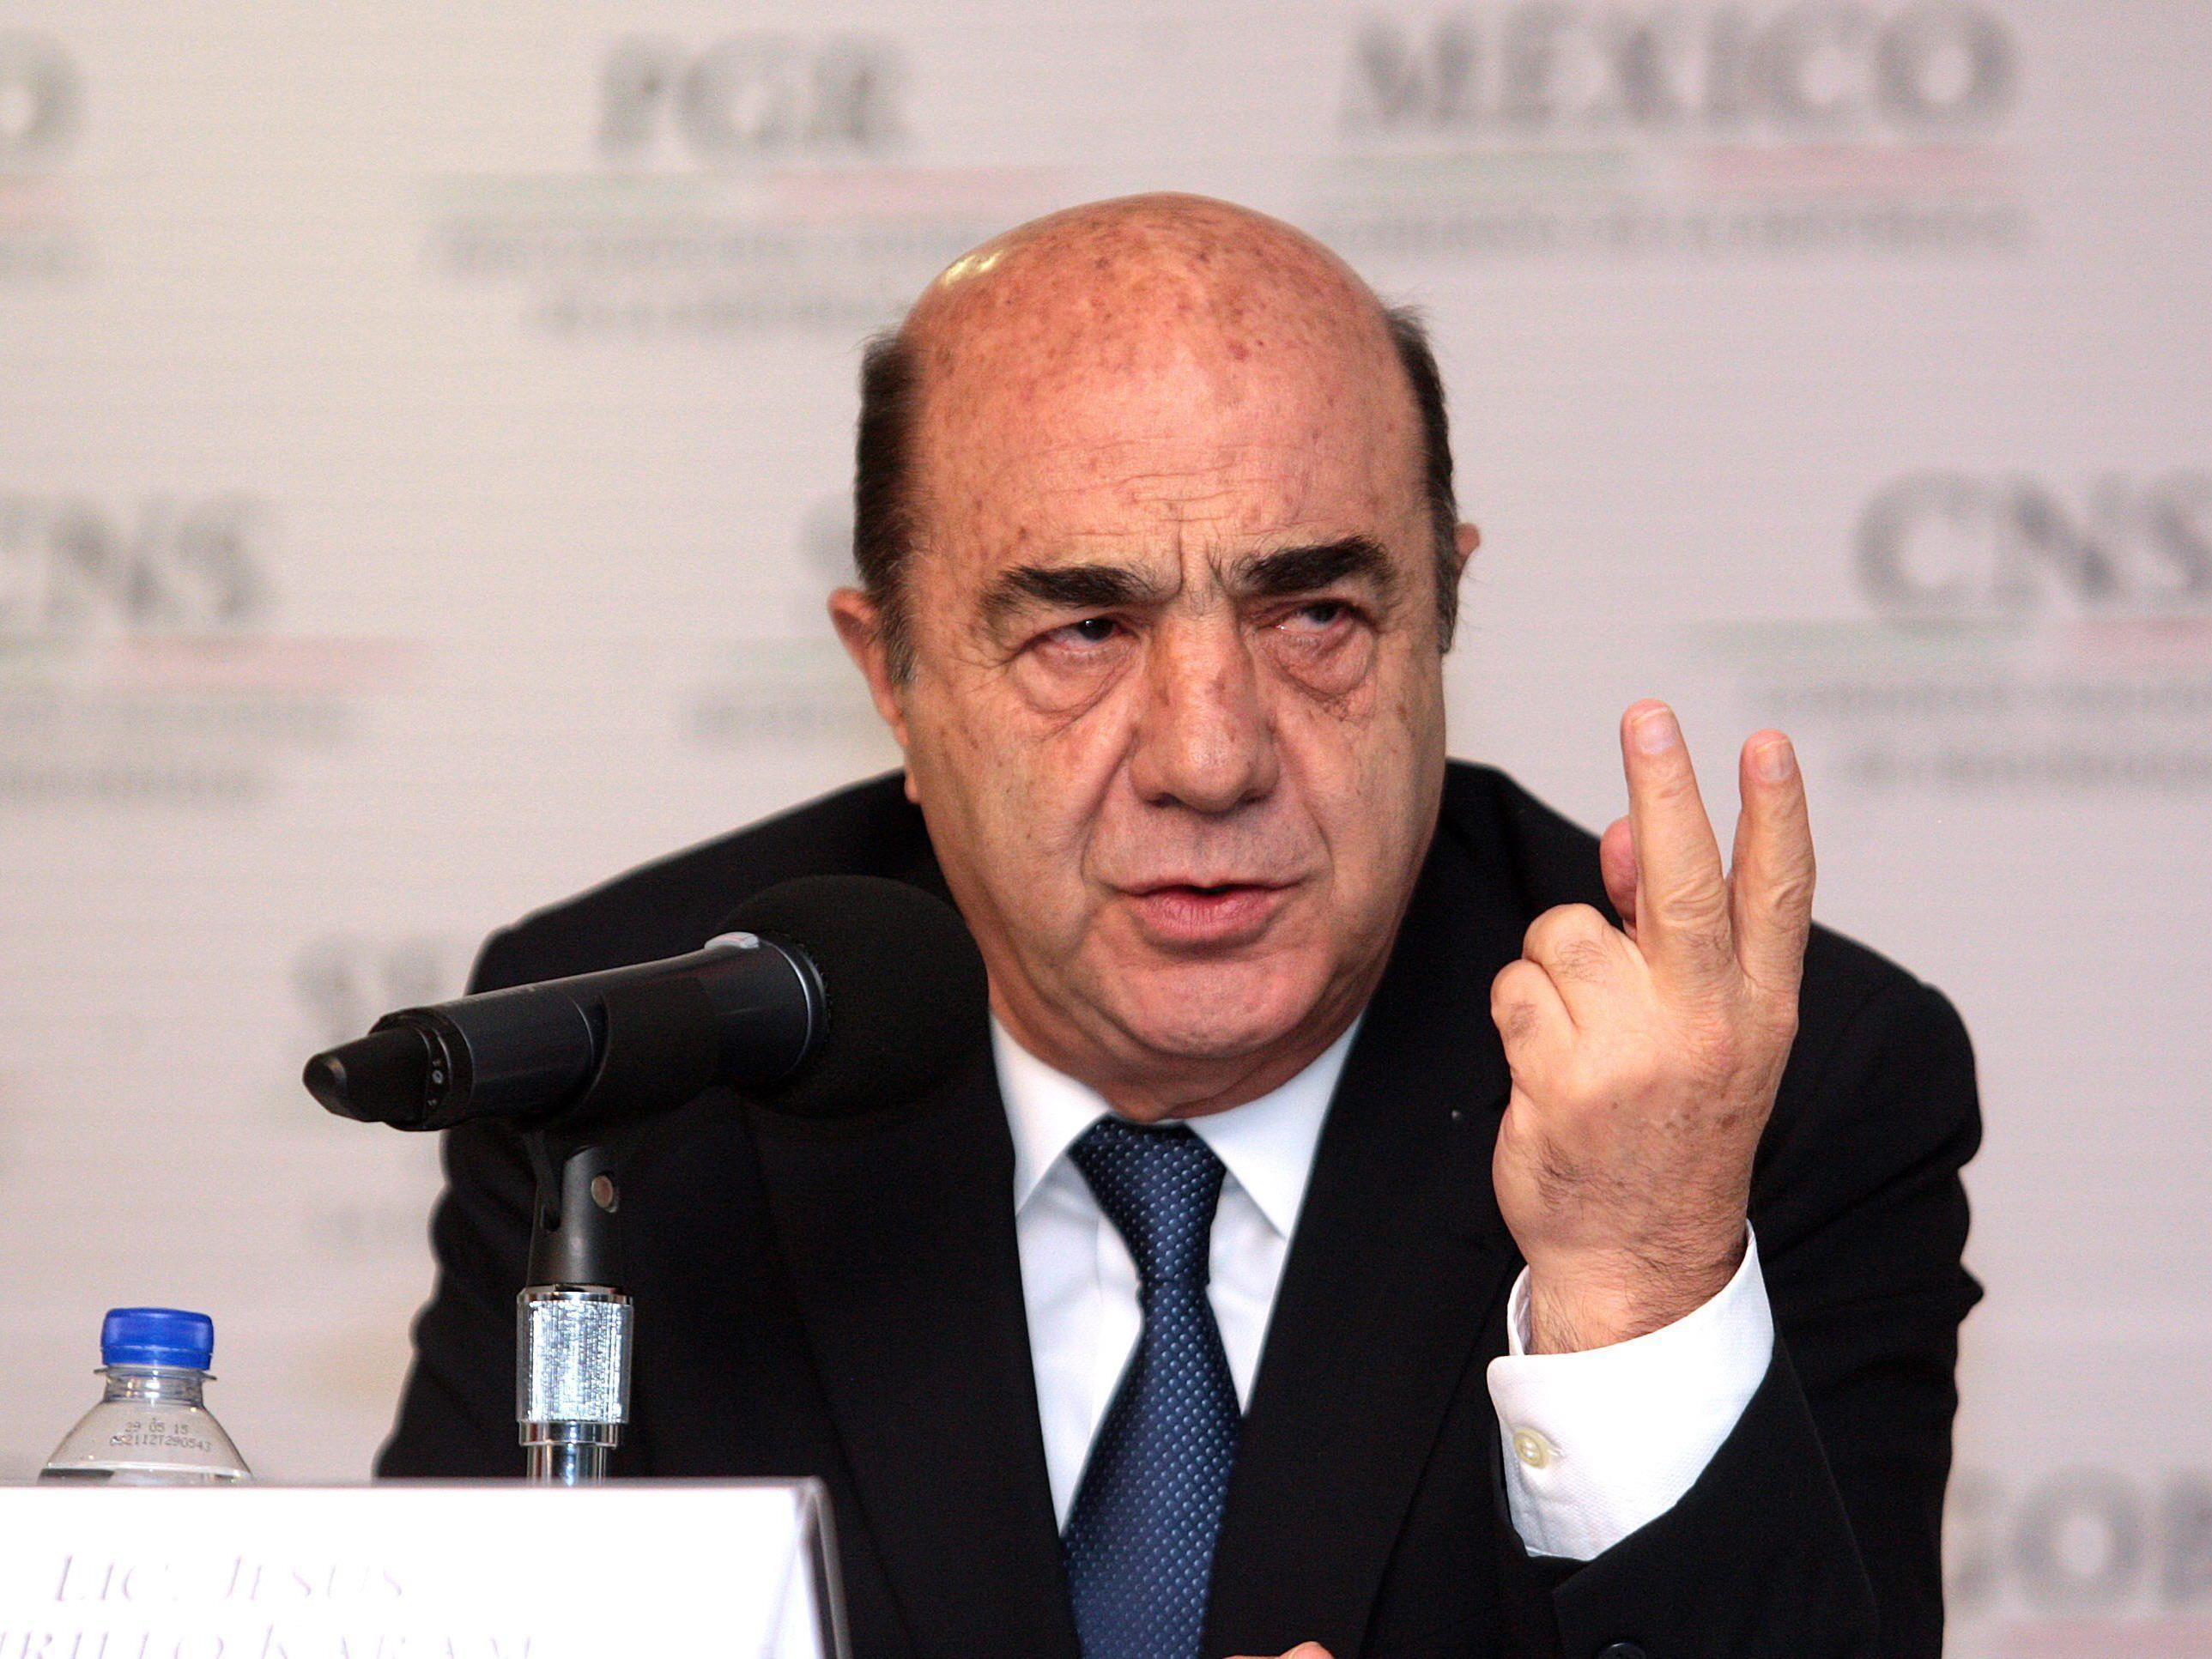 Jesus Murillo Karam sagt der Bürgermeister habe die Polizei zur Gewalt angewiesen.